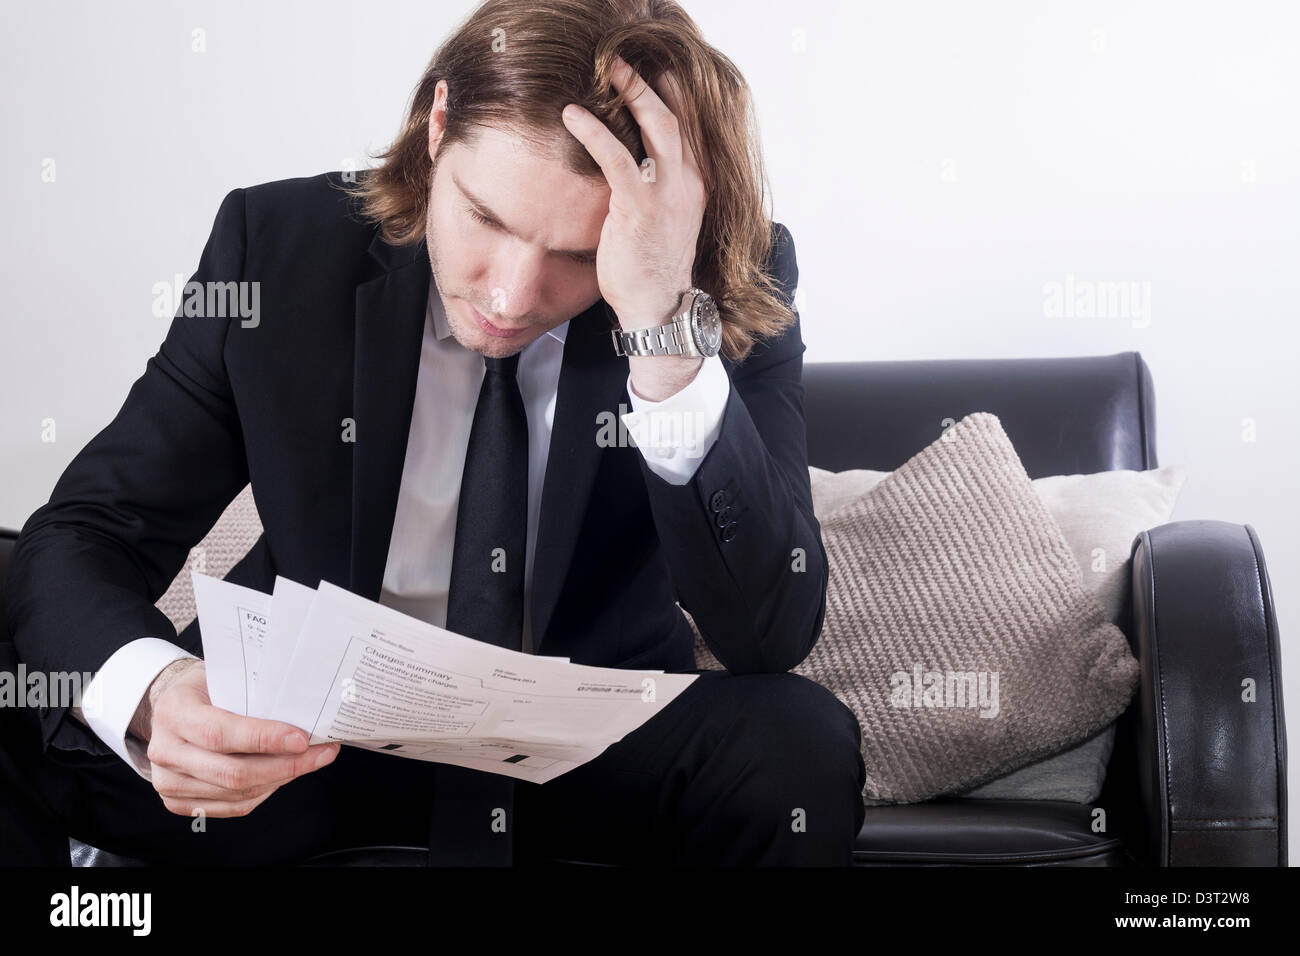 Hombre blanco en un elegante traje de negocios con una mano en su largo pelo  marrón 761c9b0c935